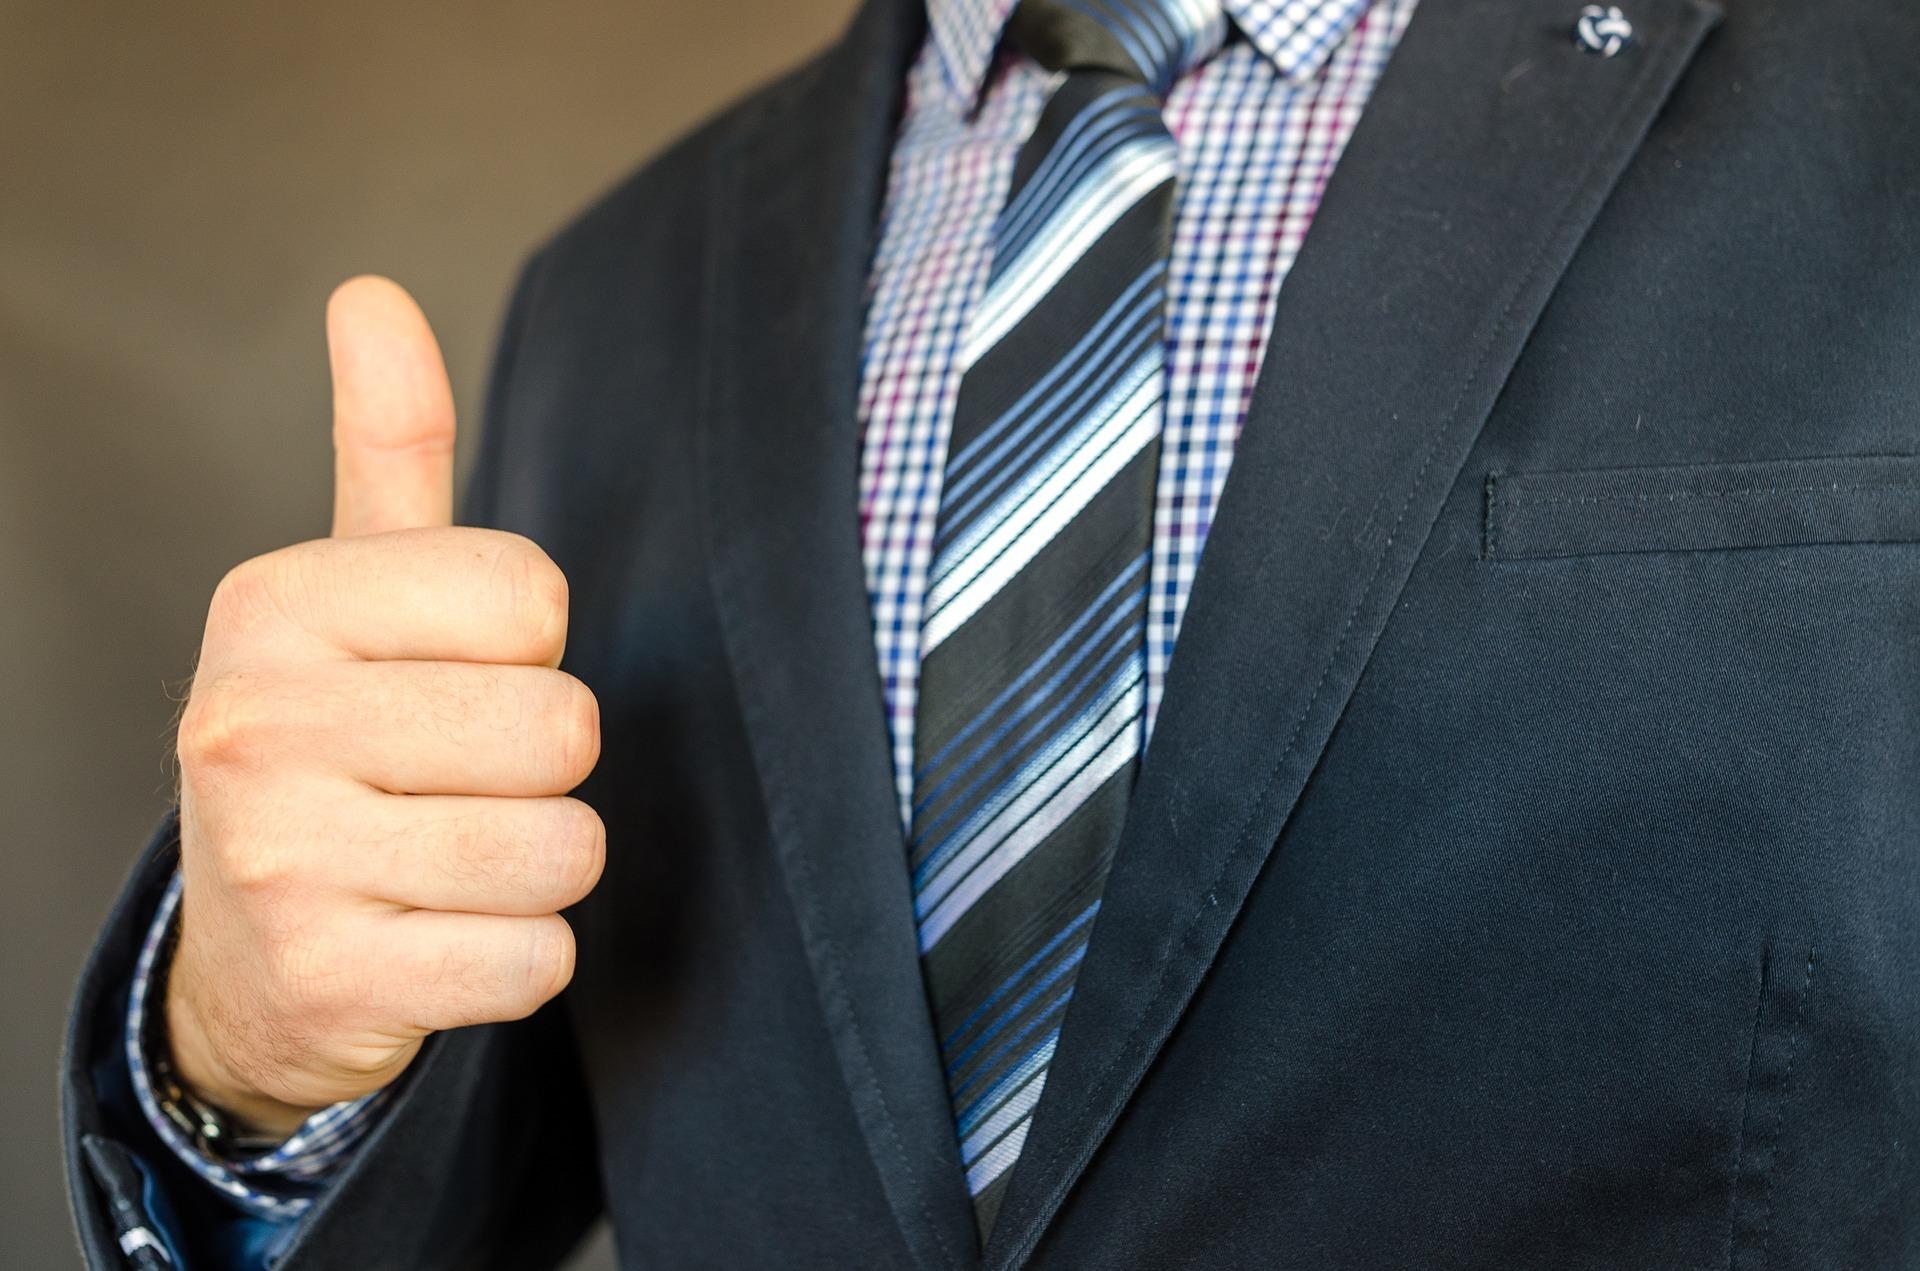 Beschwerdemanagement professionell angehen auf ratgeber-blogger.de